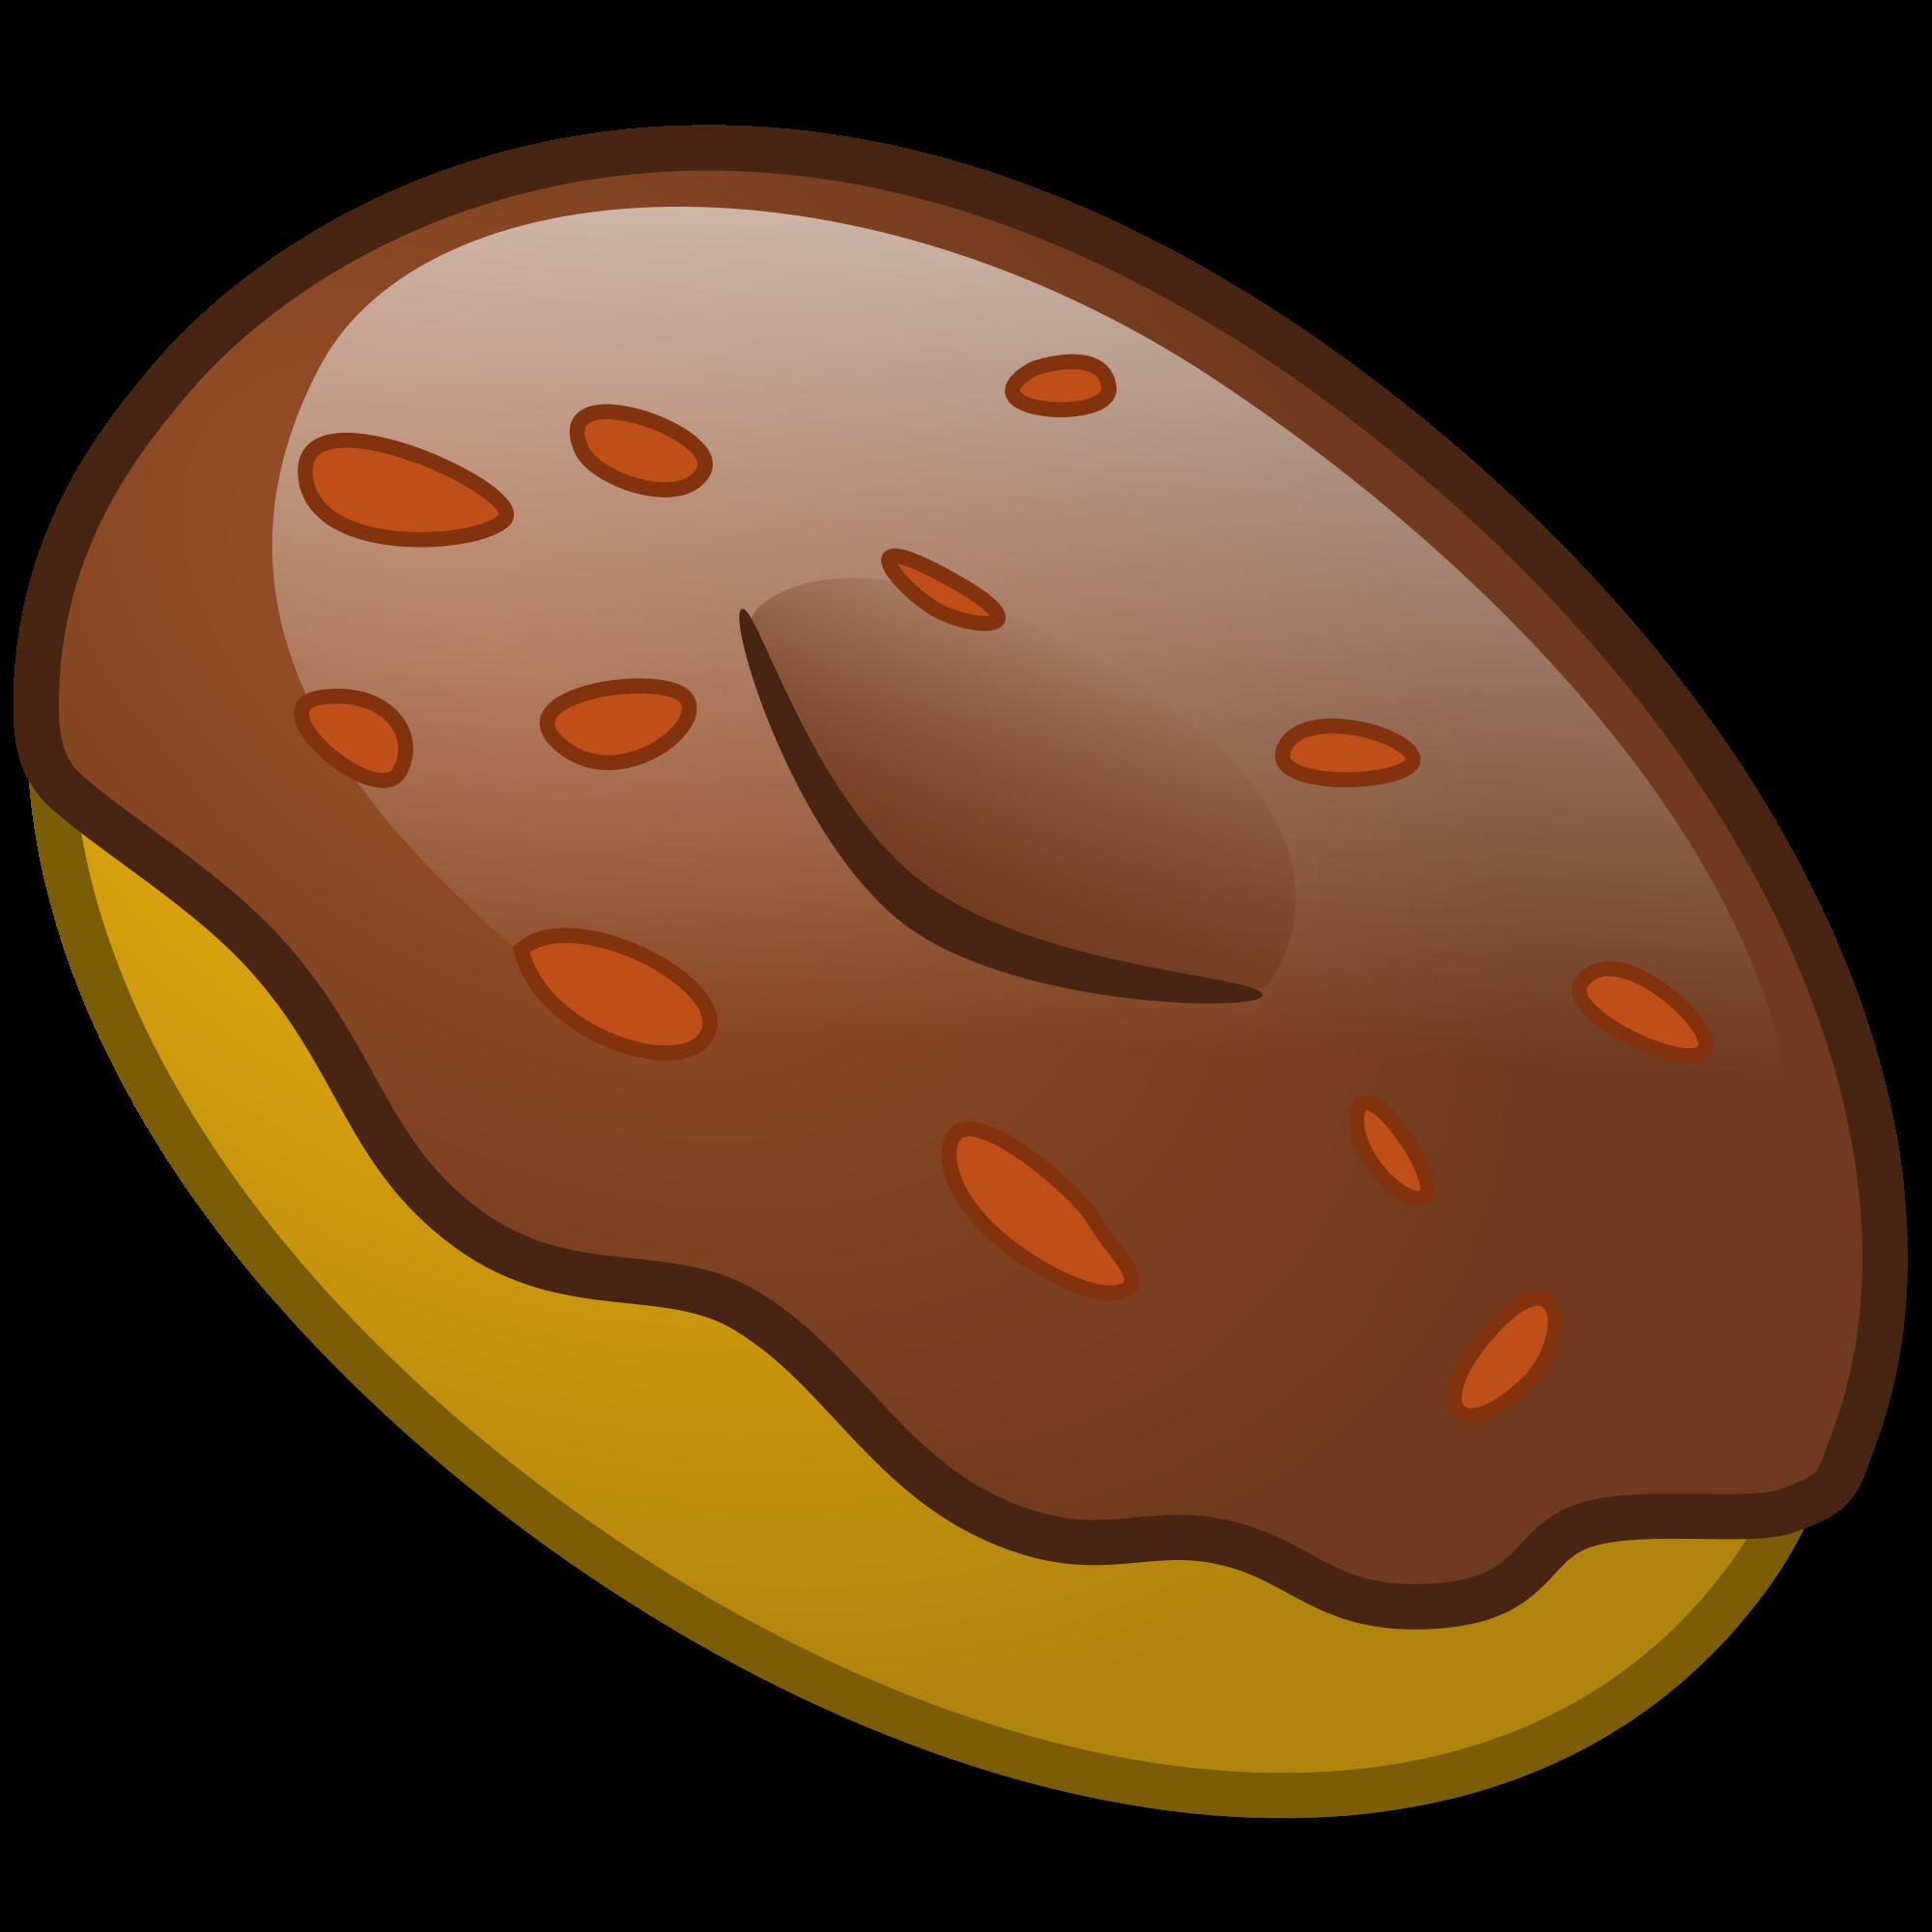 Doughnut svg #6, Download drawings